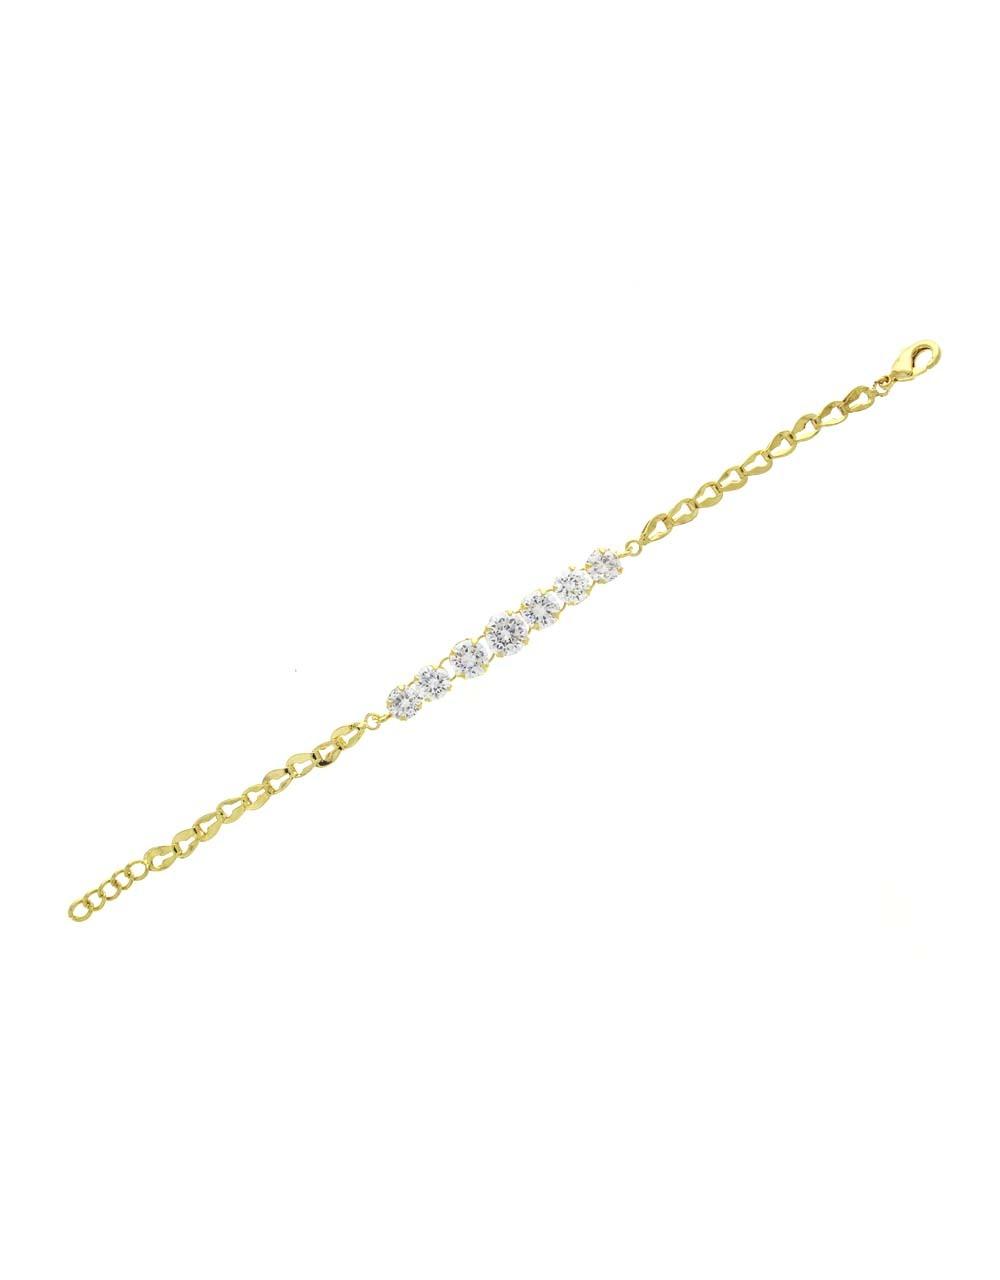 Delicate American Diamond Studded Fancy Bracelet for Girl